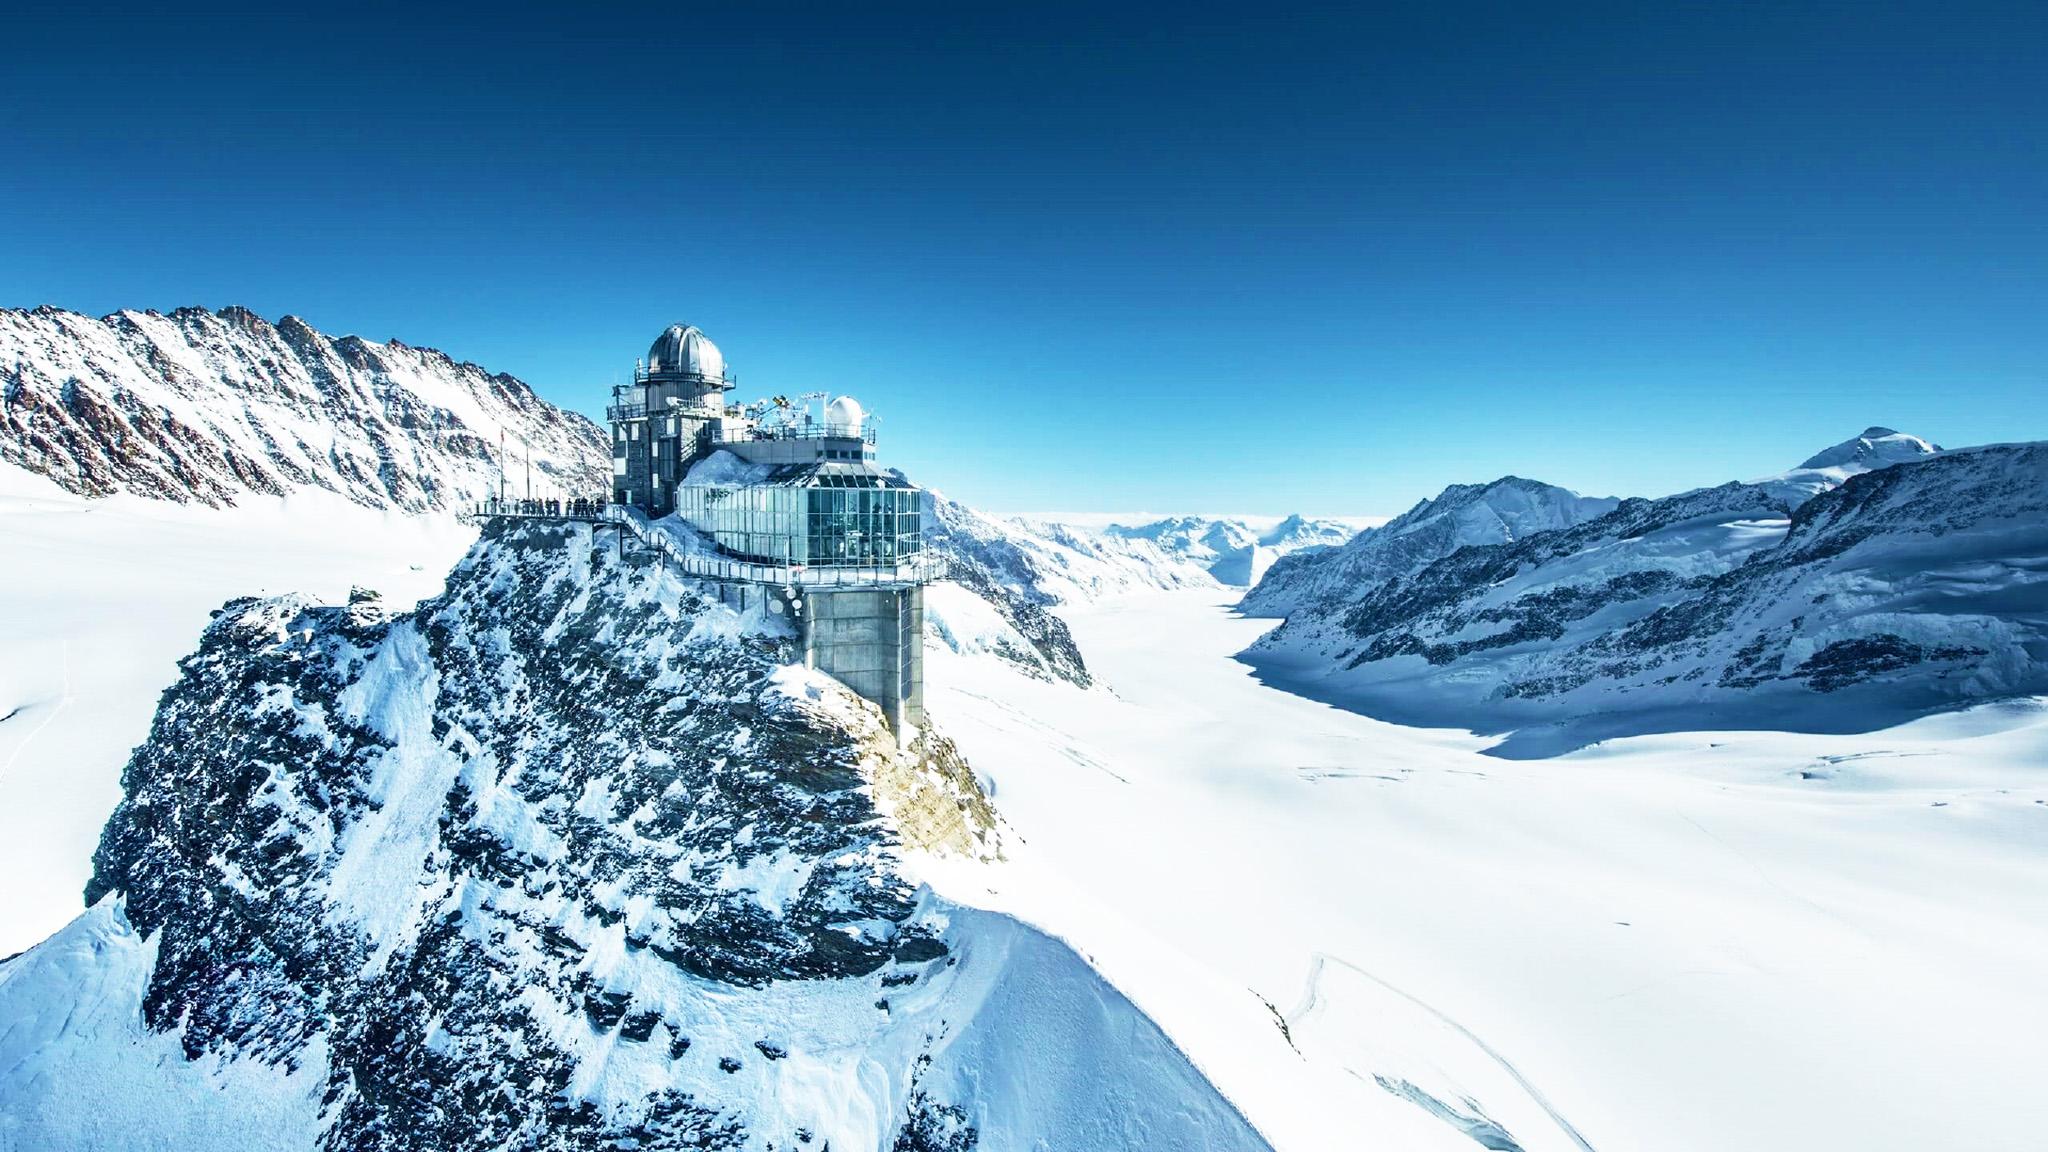 Interlaken Jungfraujoch